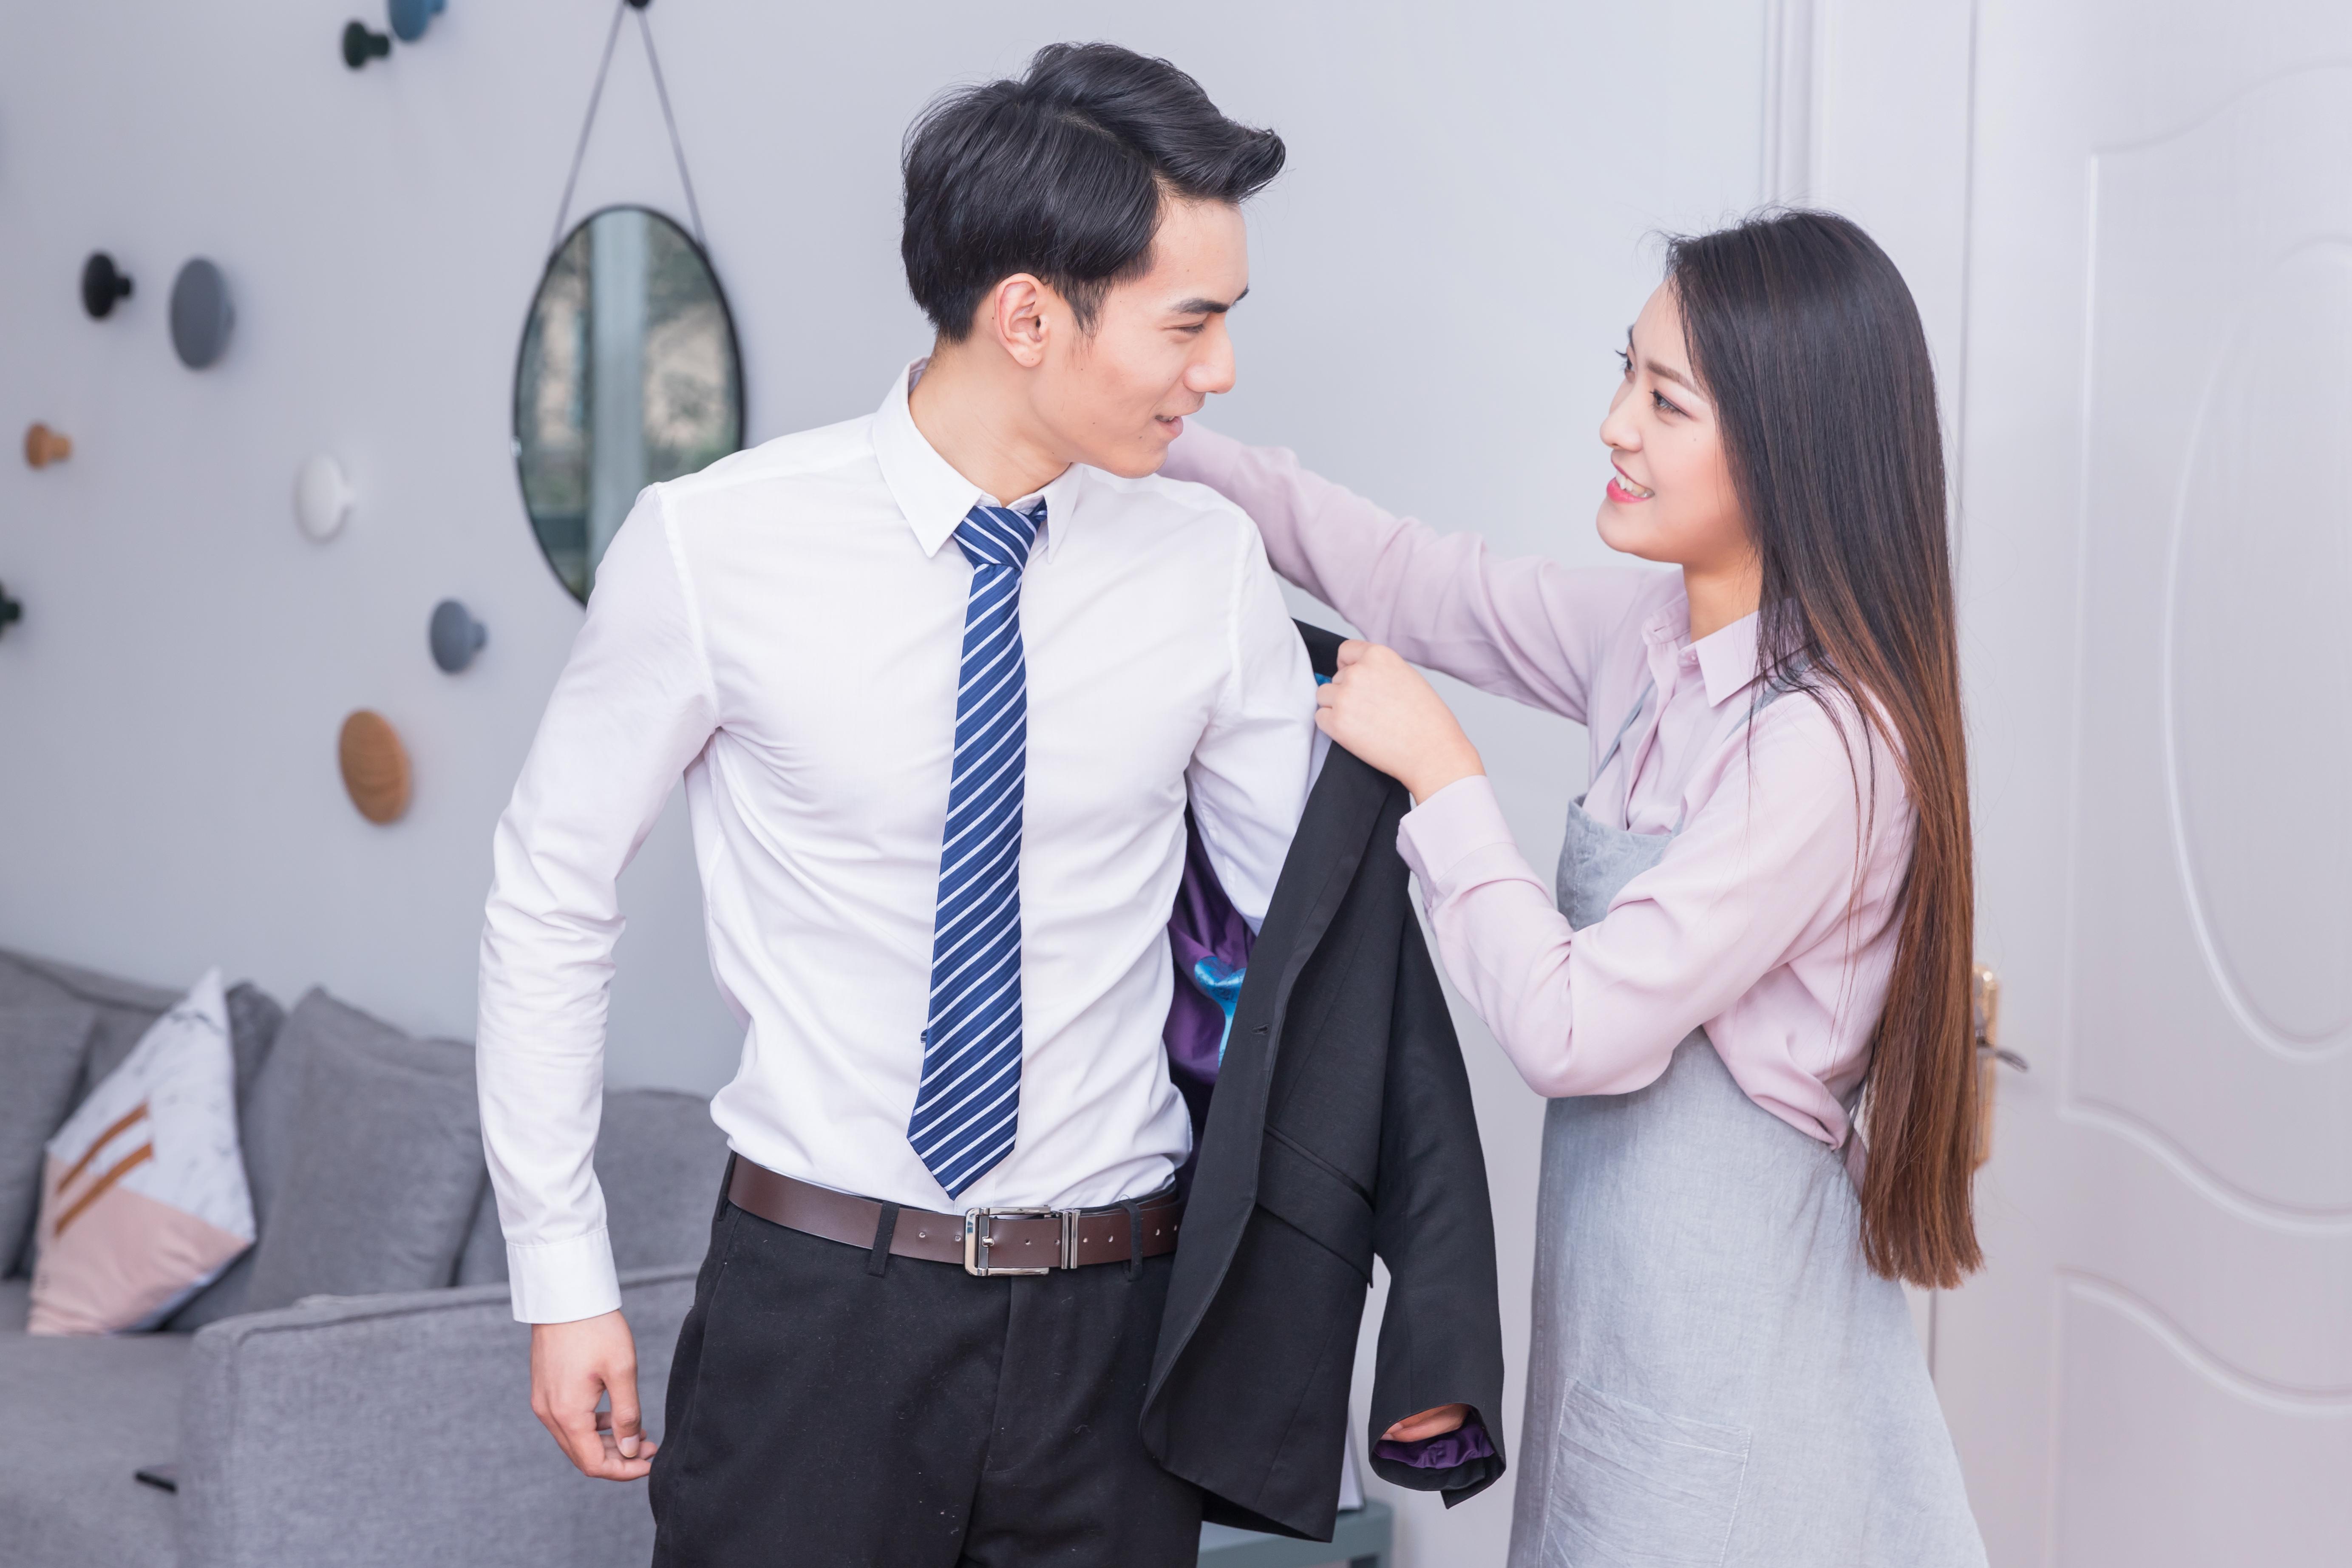 婚姻生活中你必须了解的法律常识